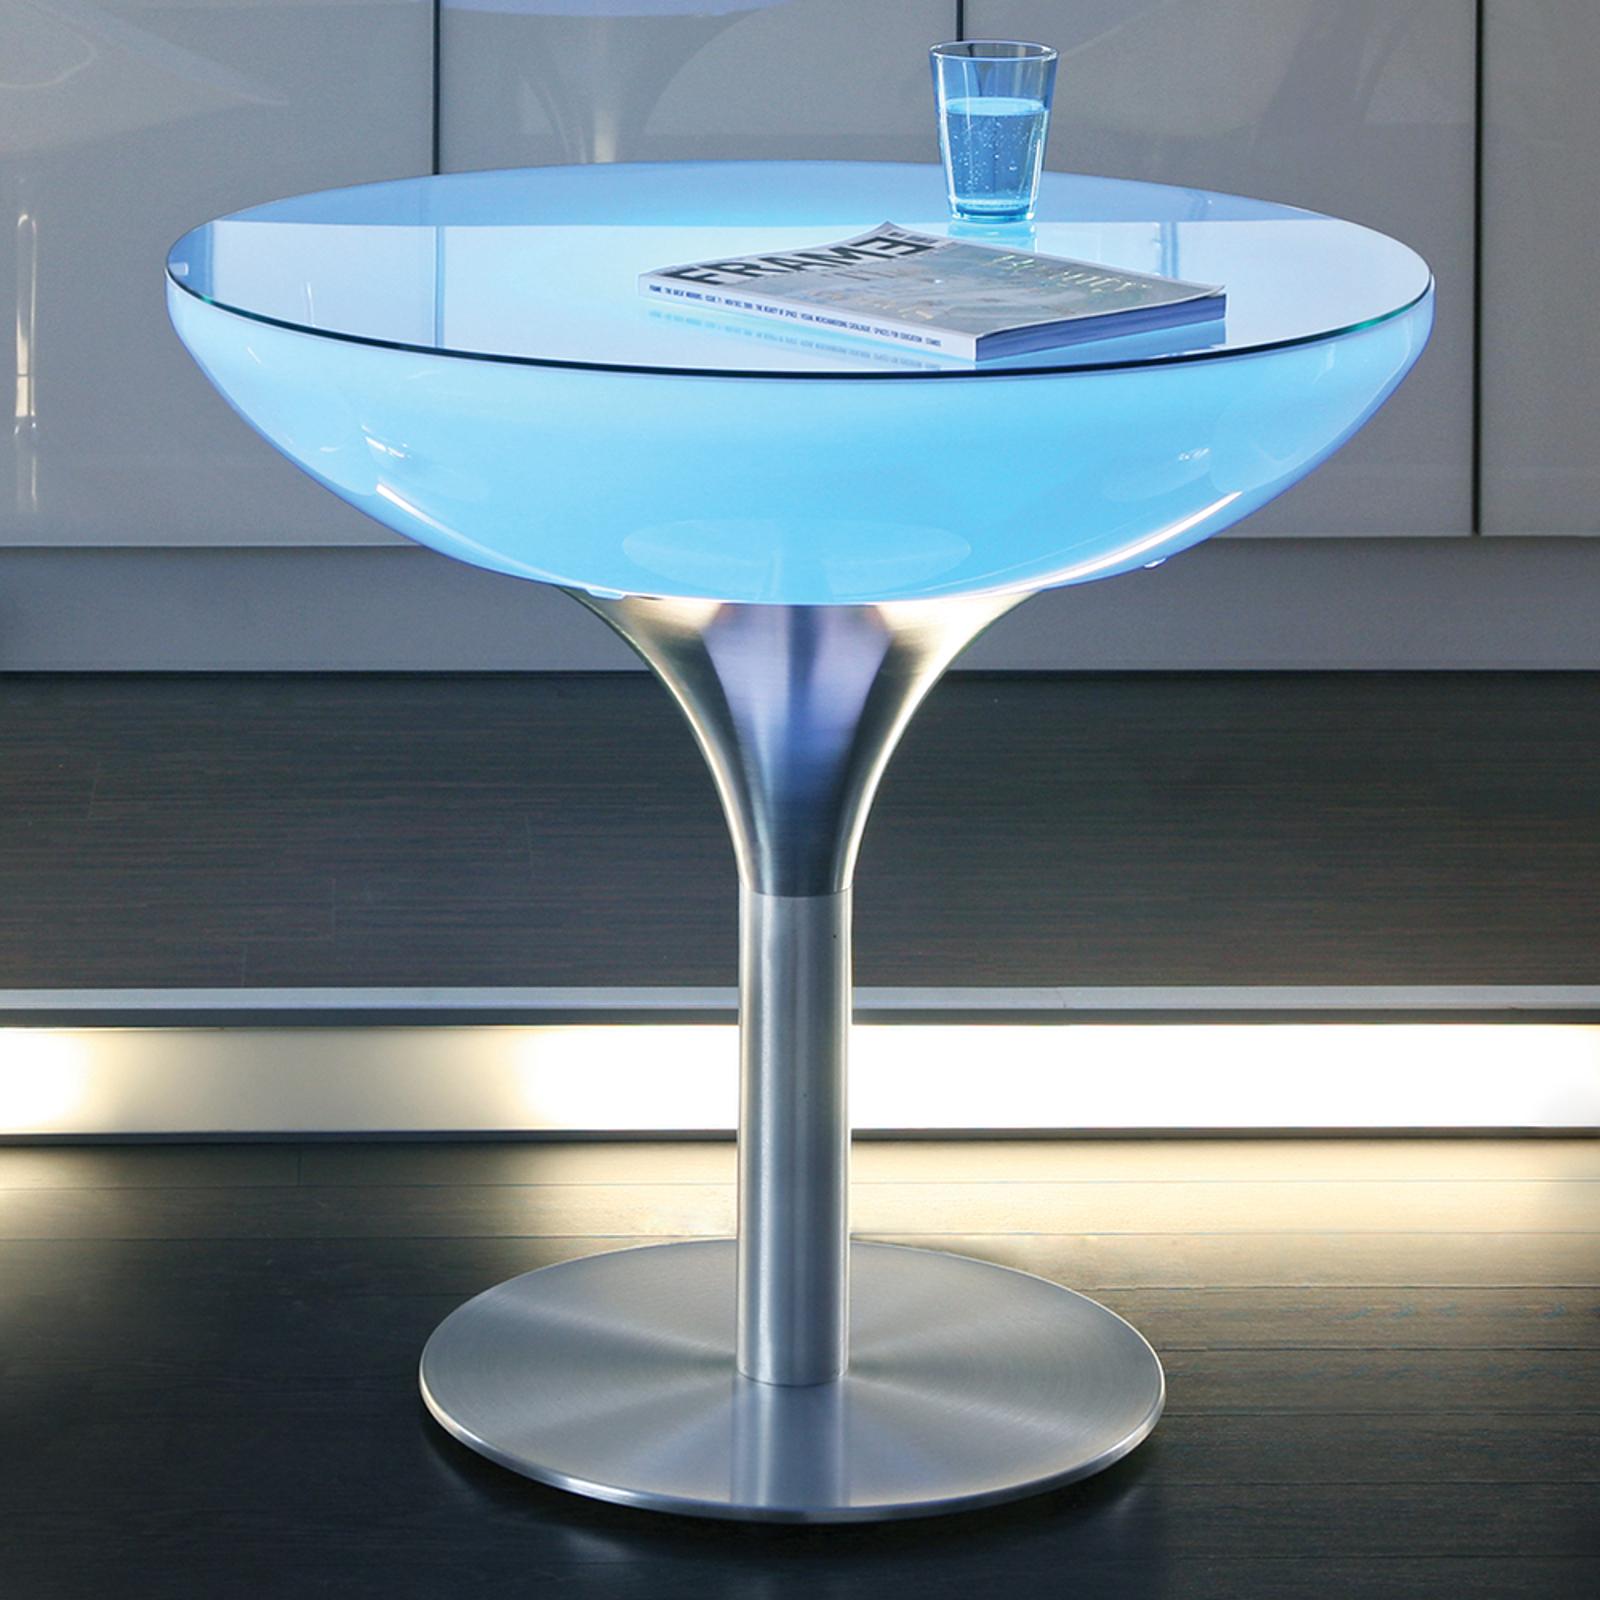 Bedienbare LED tafel Lounge Pro Accu 75 cm